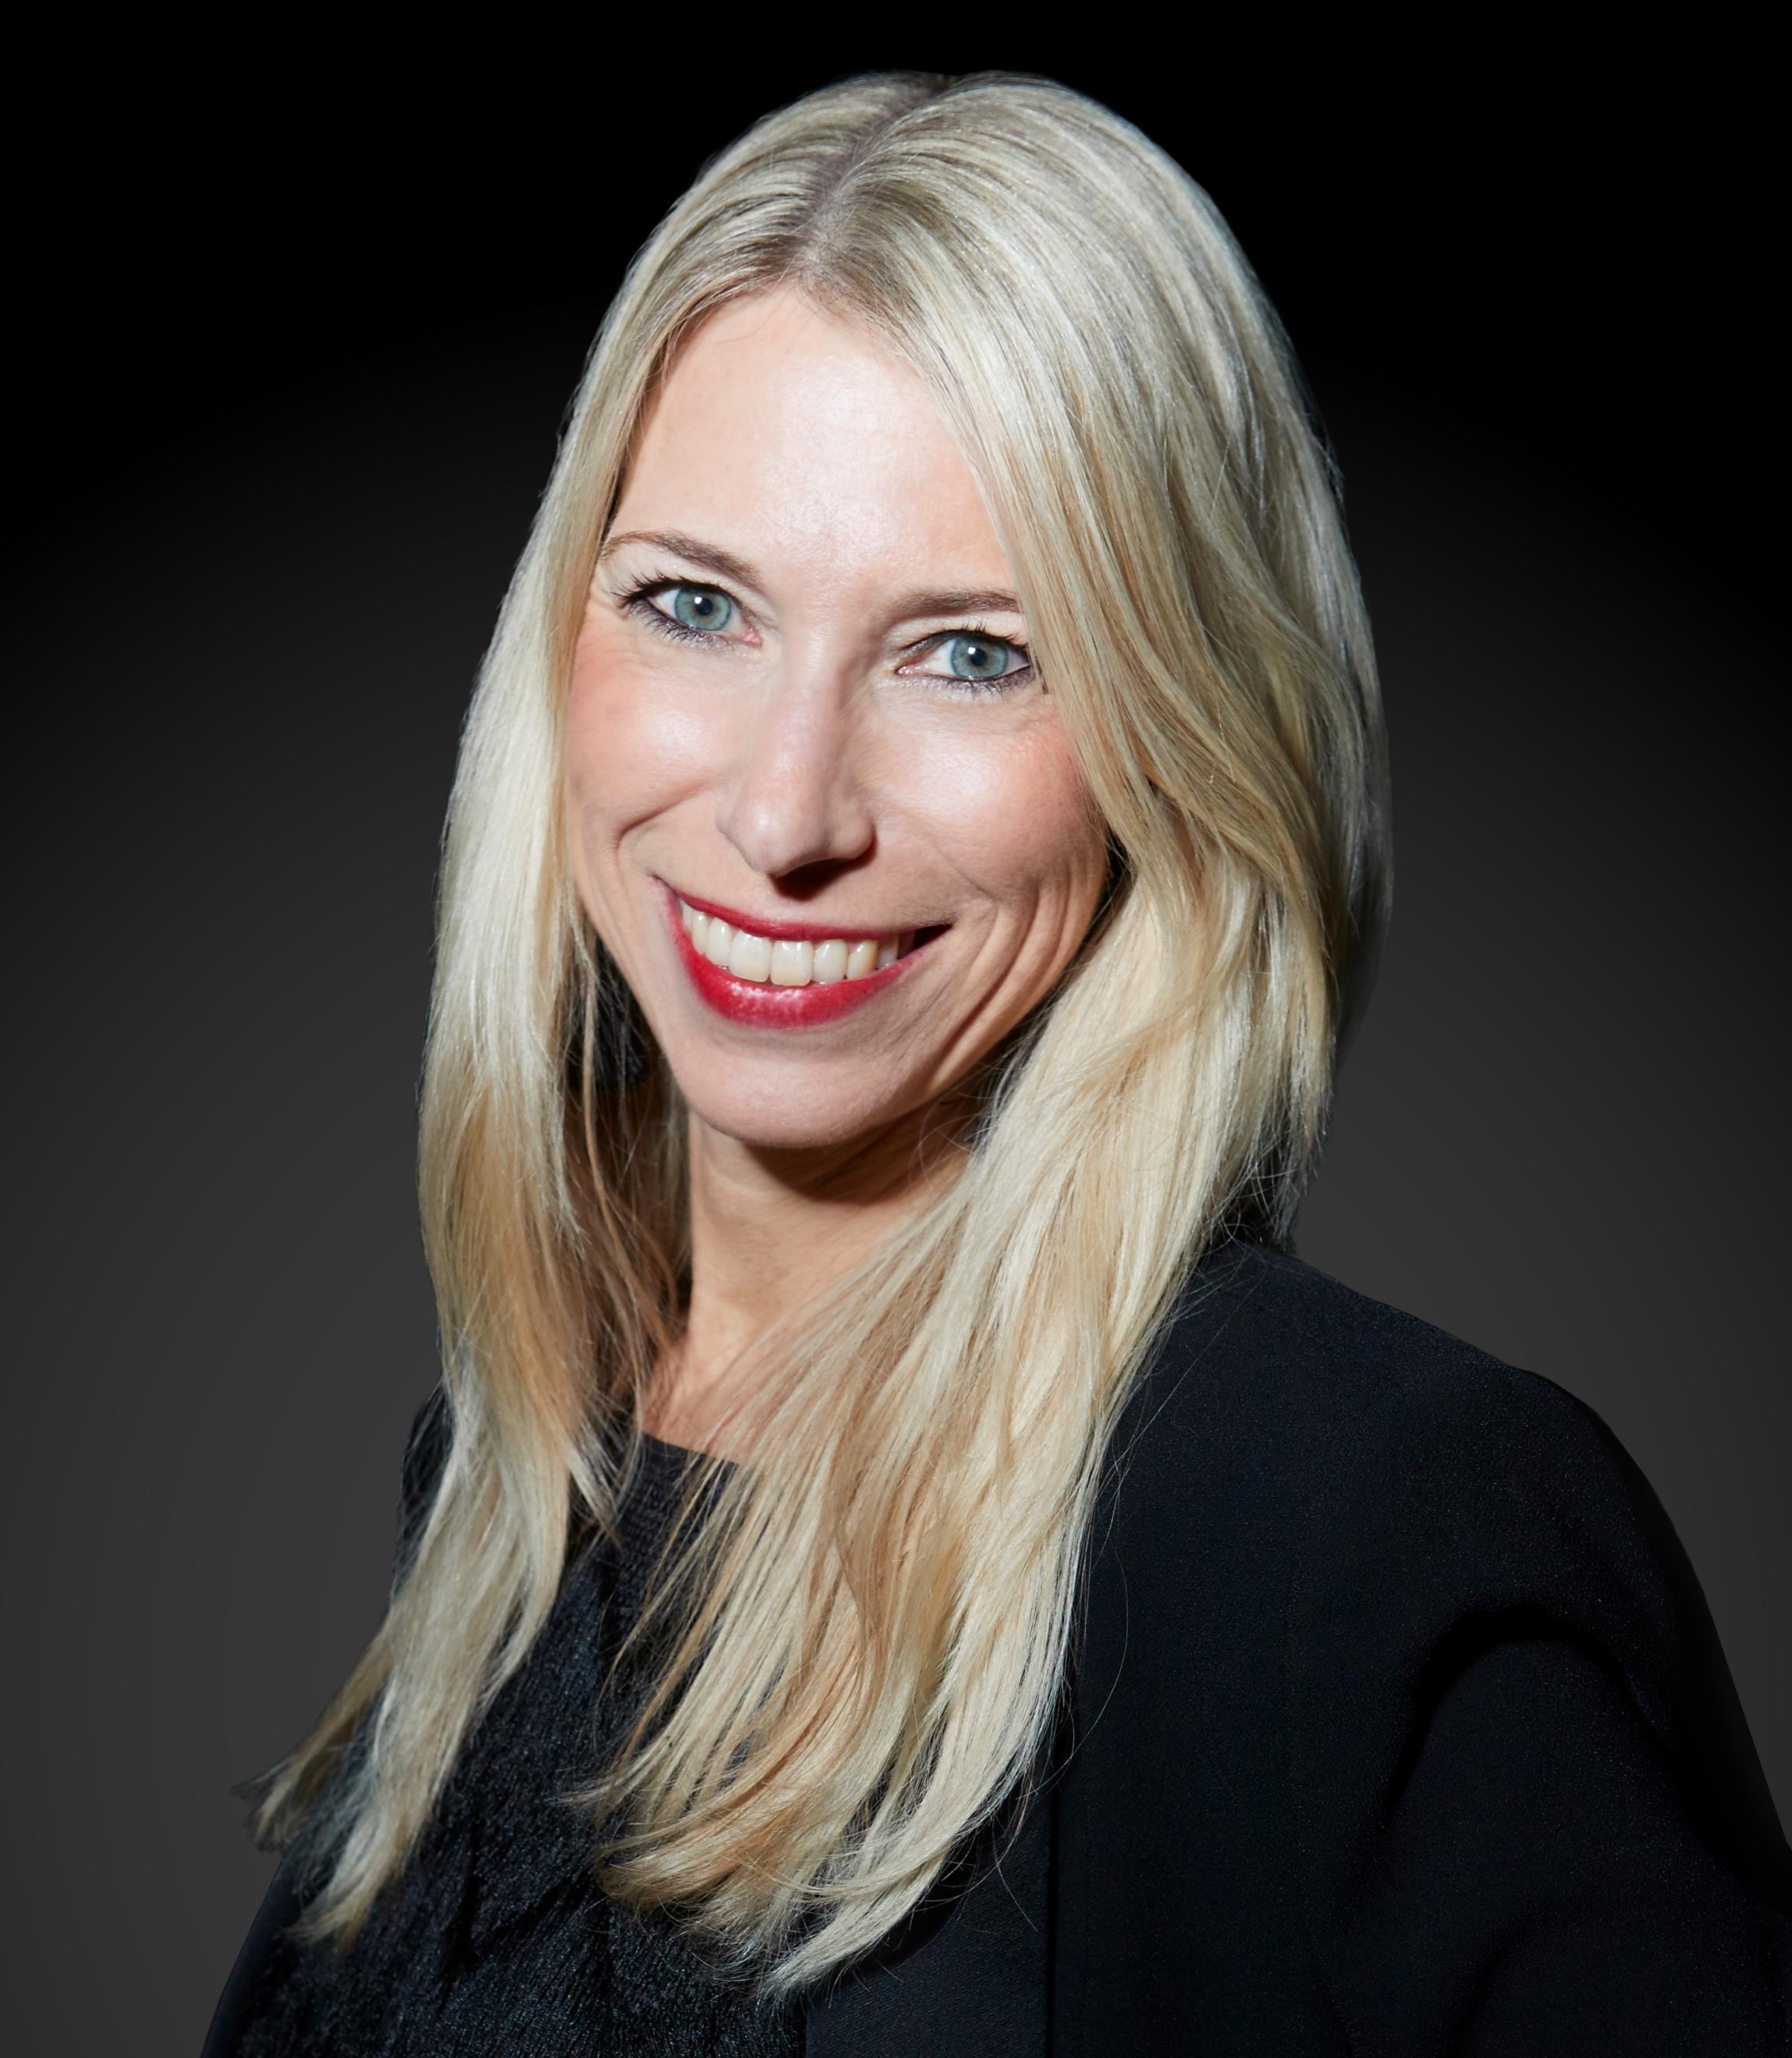 Kerstin Jaumann